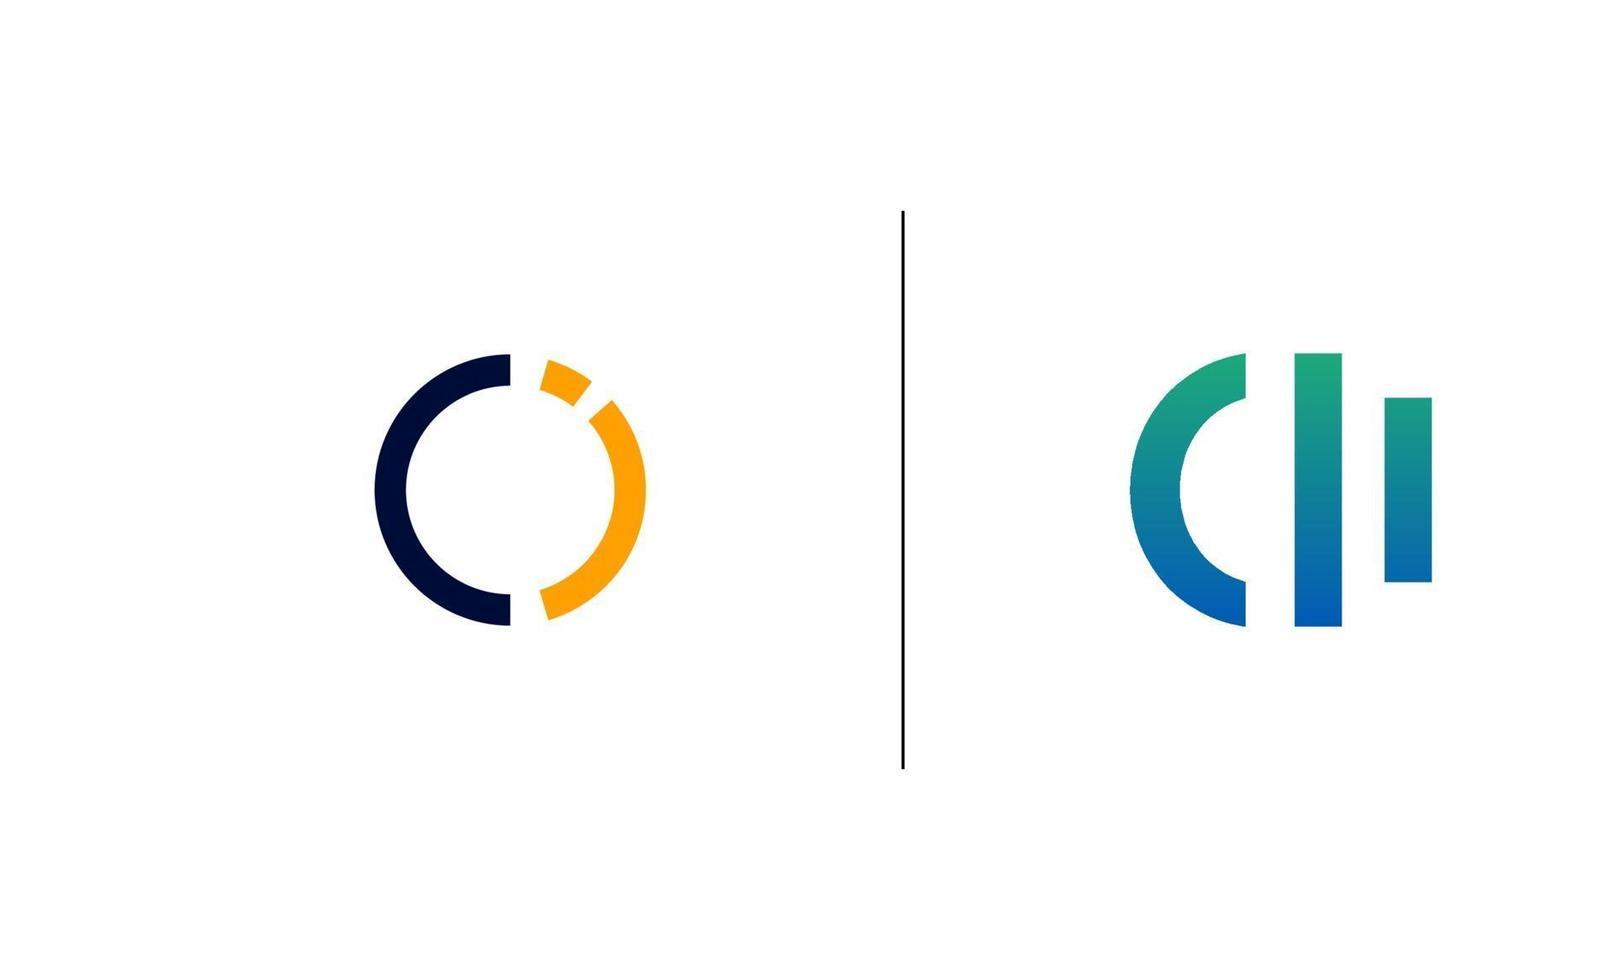 ci inicial, vector de plantilla de diseño de logotipo ic